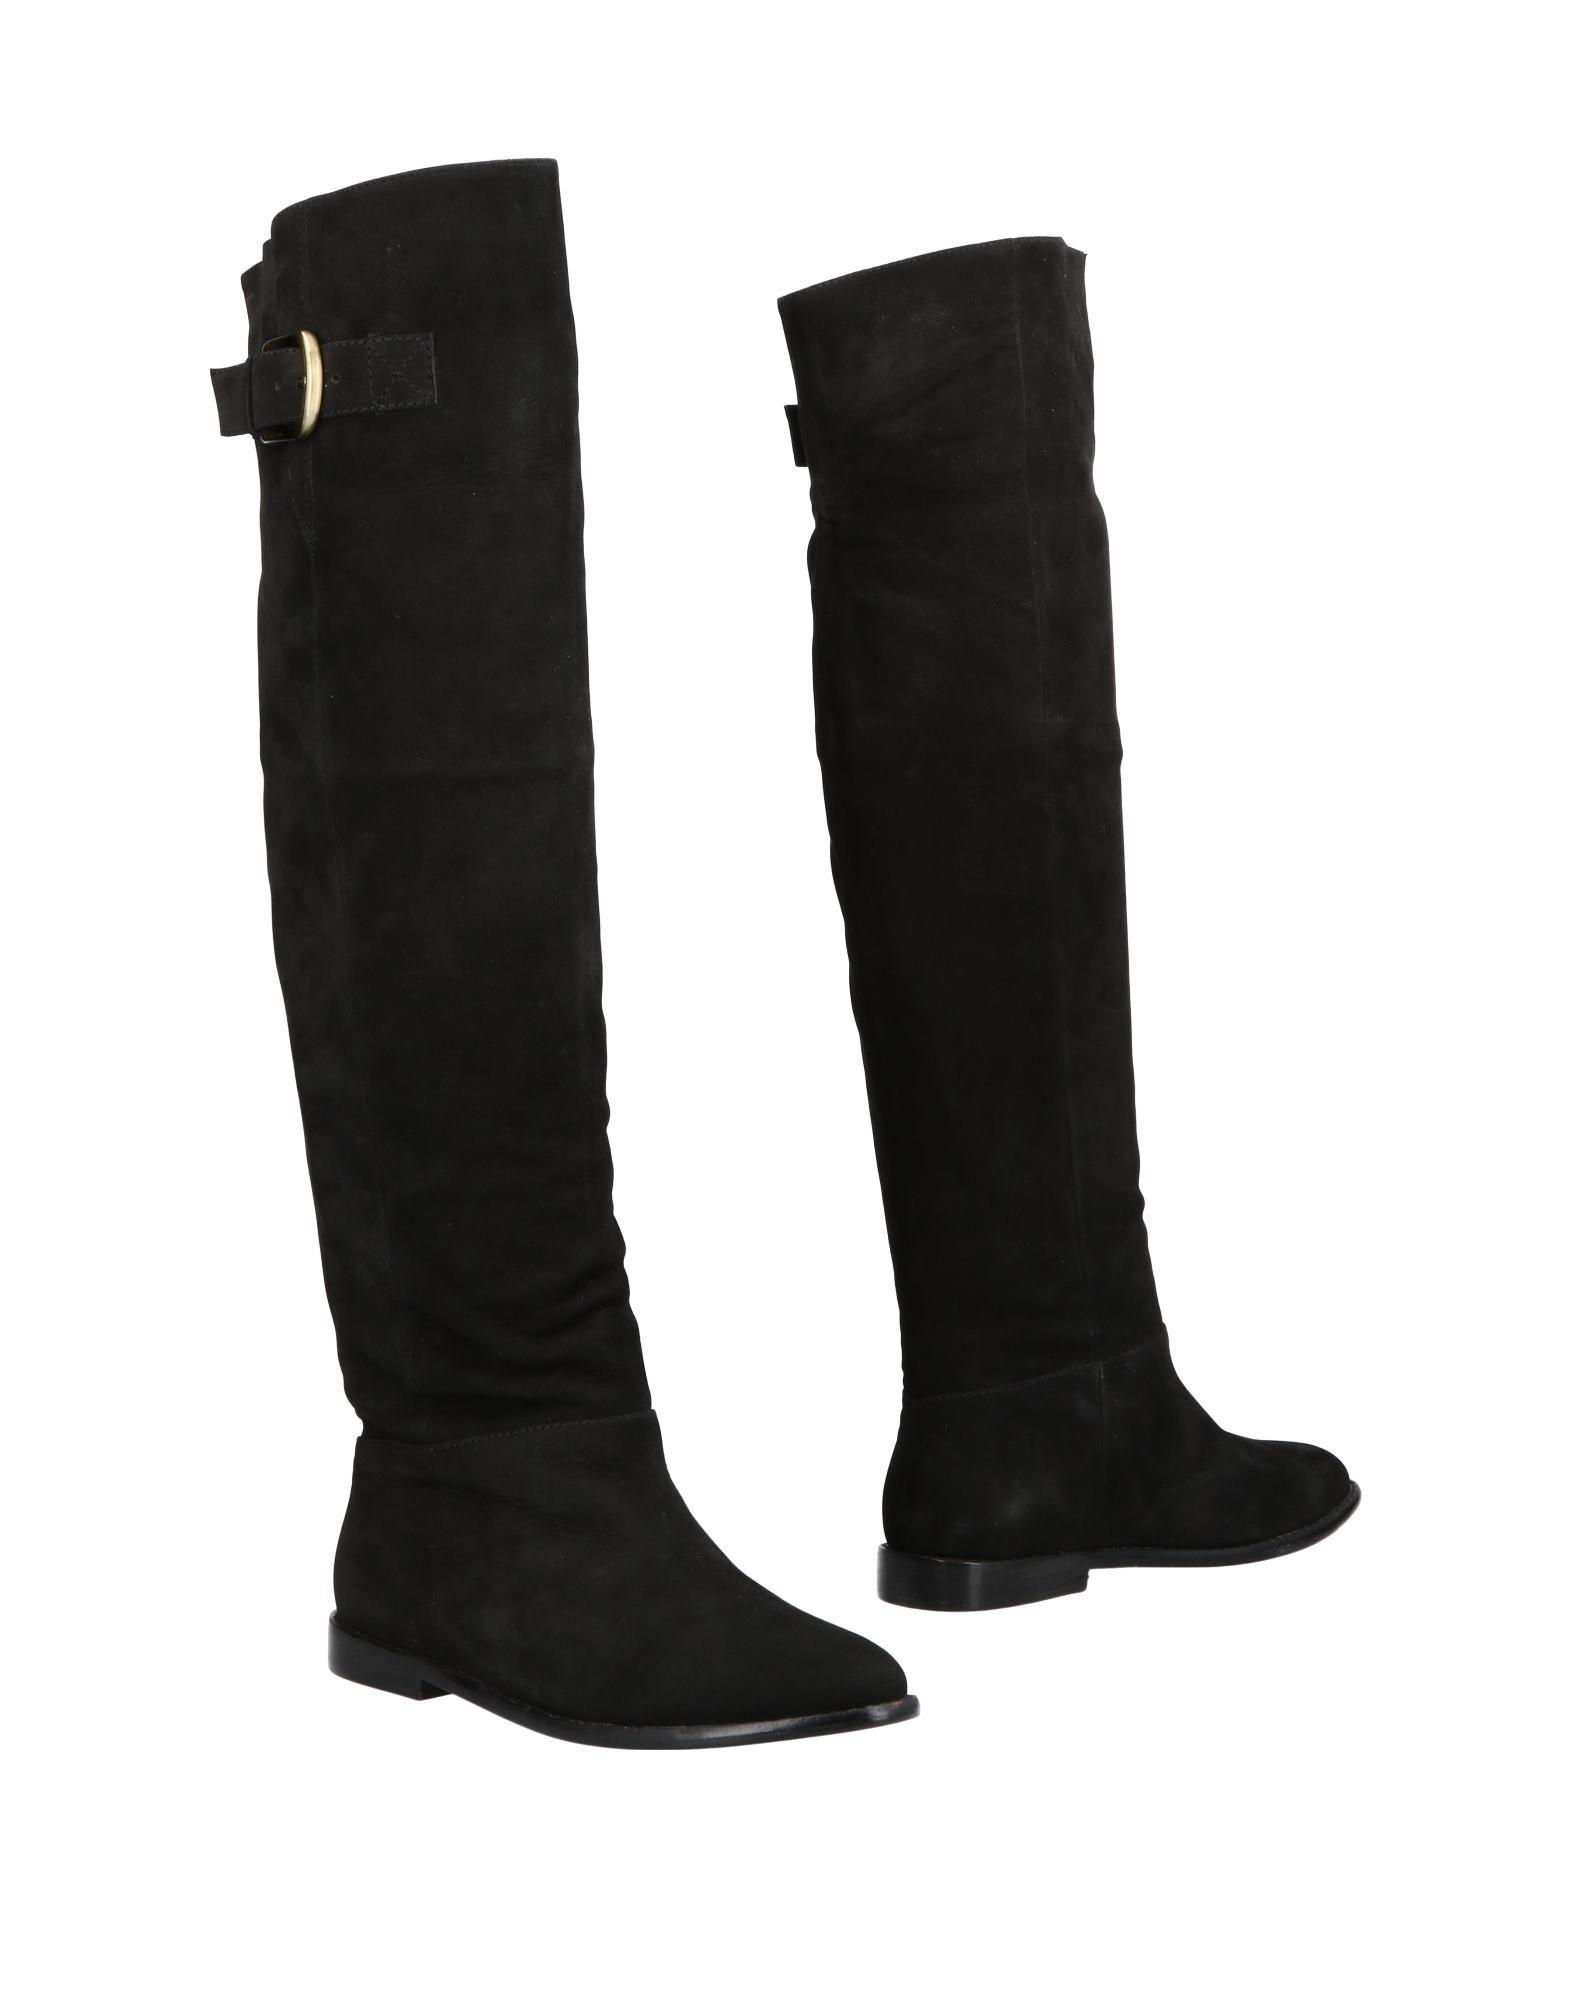 Mi/Mai Stiefel Damen  11278206SIGut Schuhe aussehende strapazierfähige Schuhe 11278206SIGut 545fc9